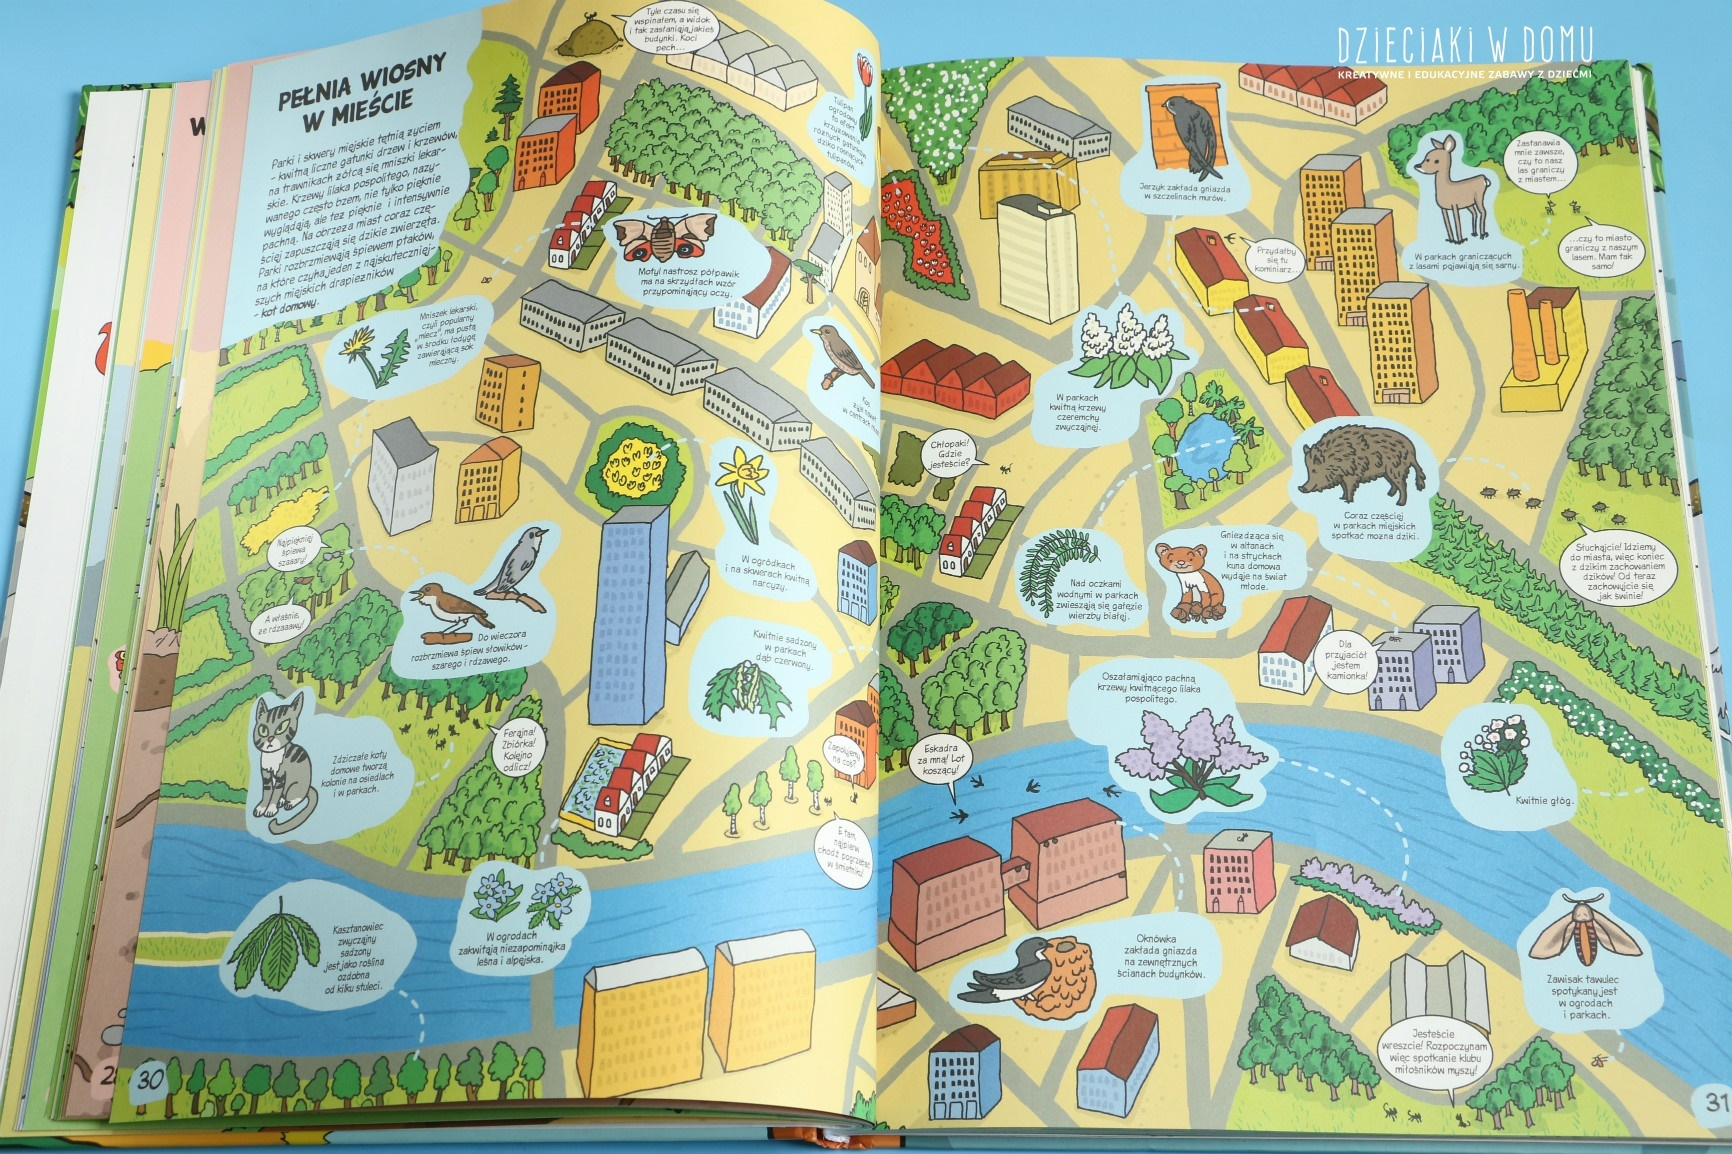 wiosna - materiały edukacyjne dla dzieci